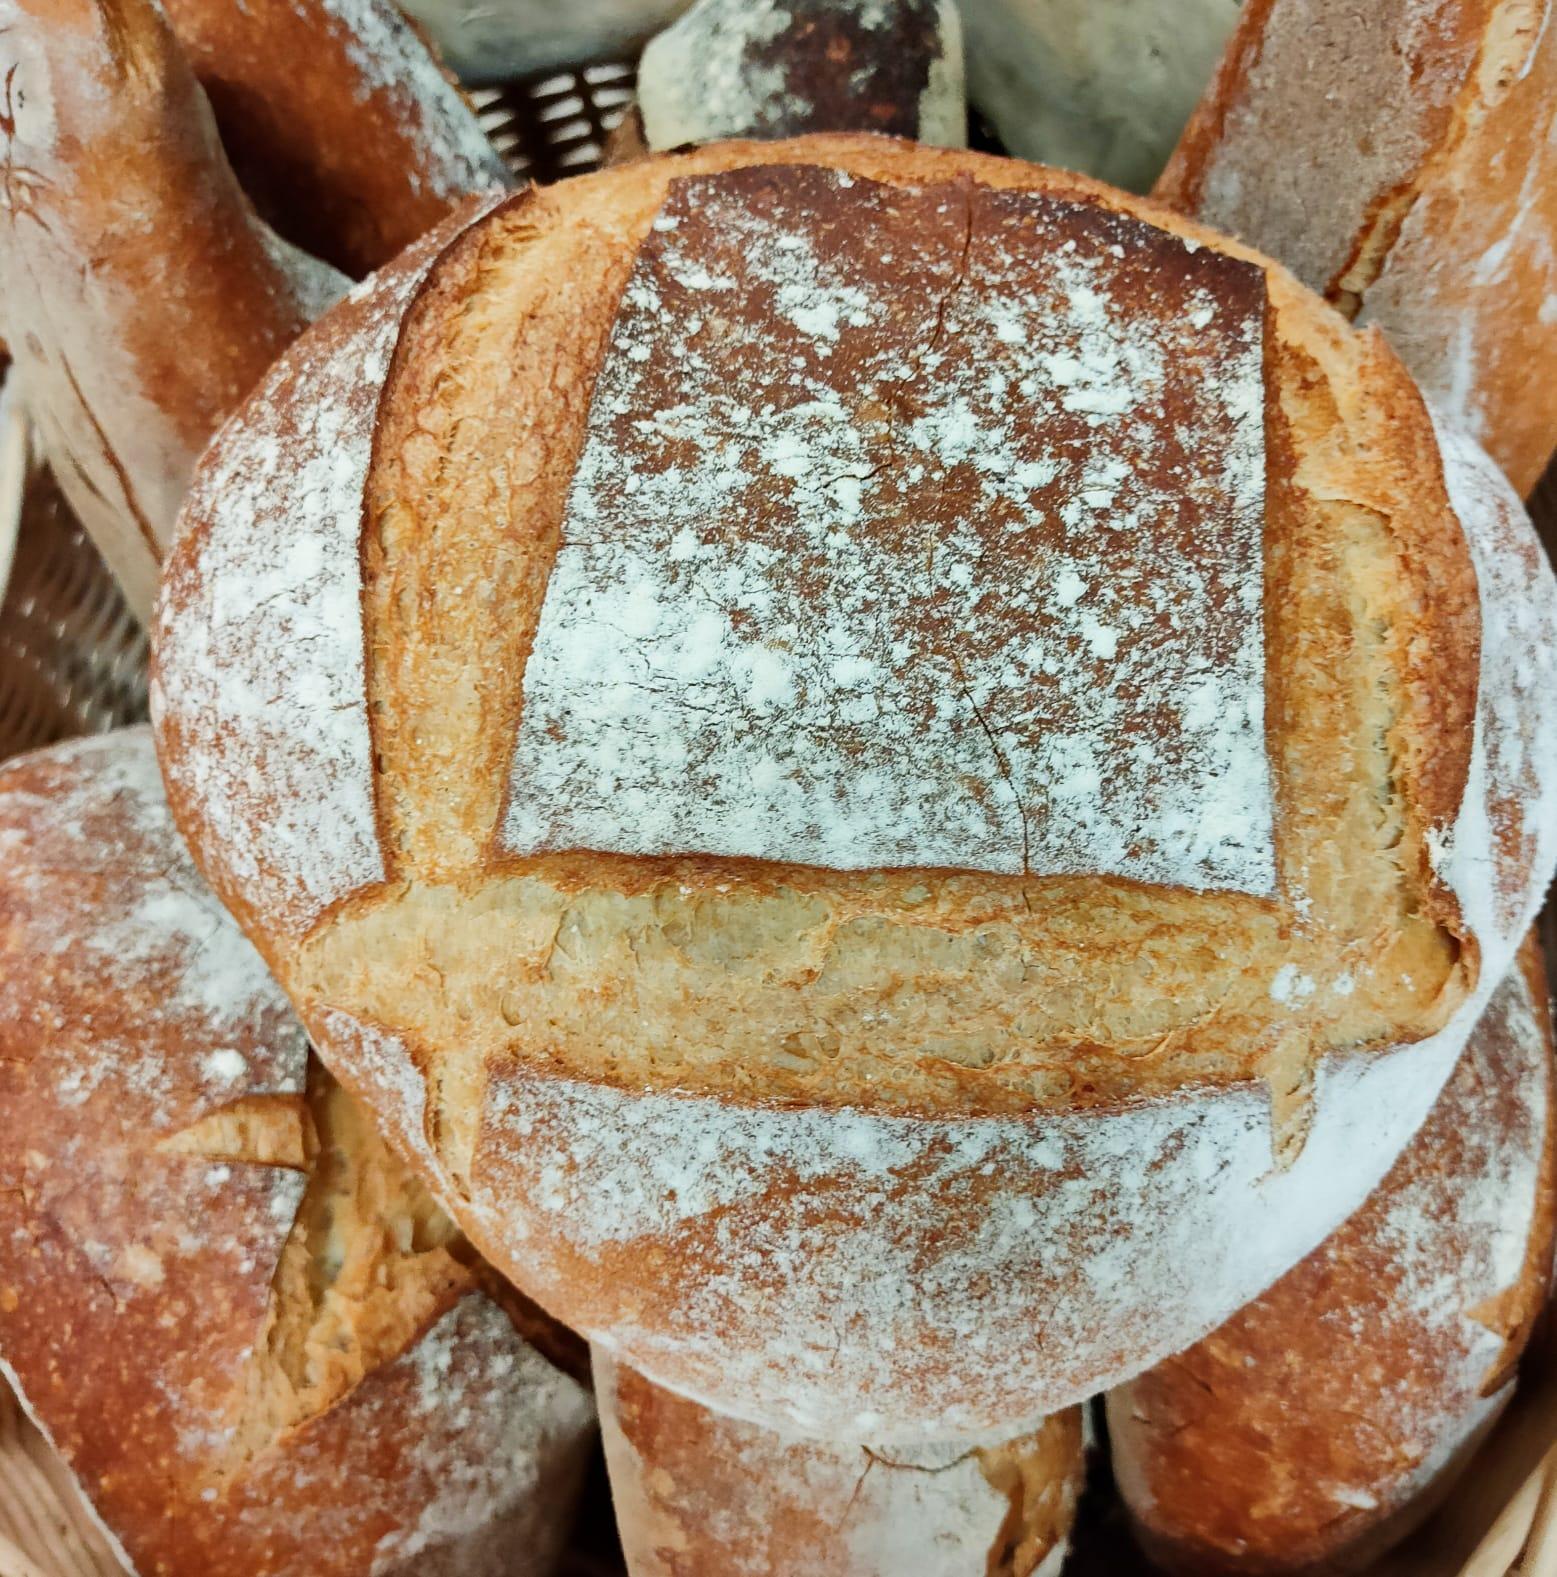 Art i Pa Andorra el pa de debò és farina, aigua, ferment, sal i molta, molta paciència. El pa, fonamental a les millors dietes.